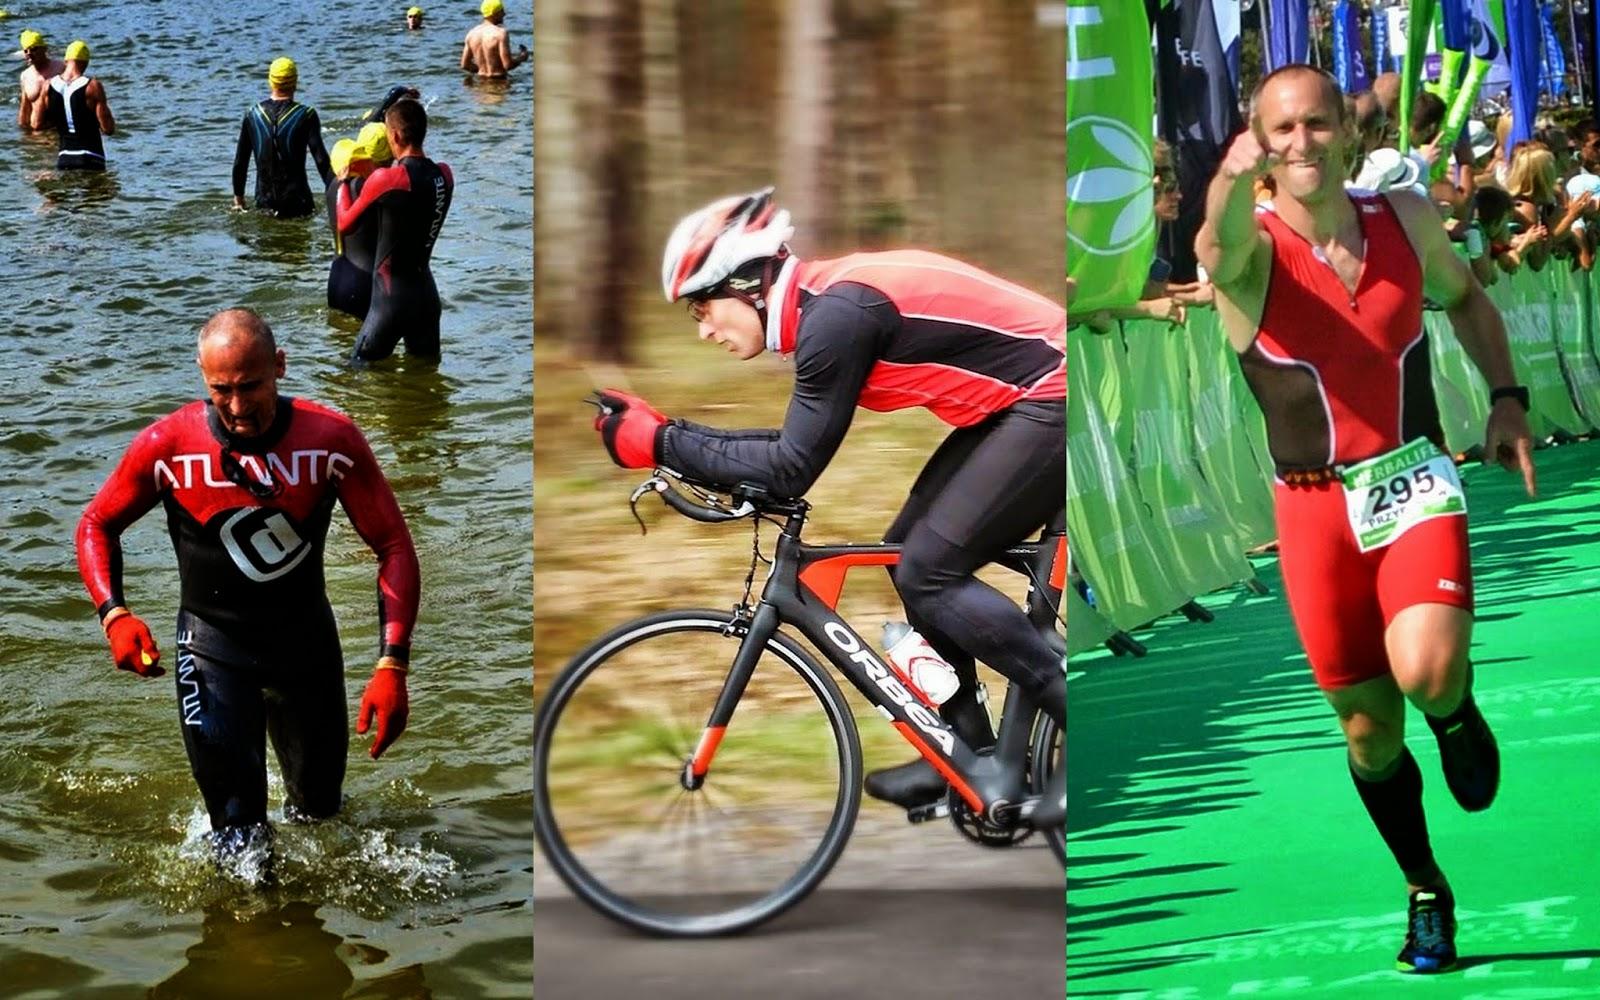 triathlon ,zielona góra,sport,treningi,połoński,biegi,pływanie,gdynia, Herbalife, 70.3,sprint,half,ironman,sierpień,tri